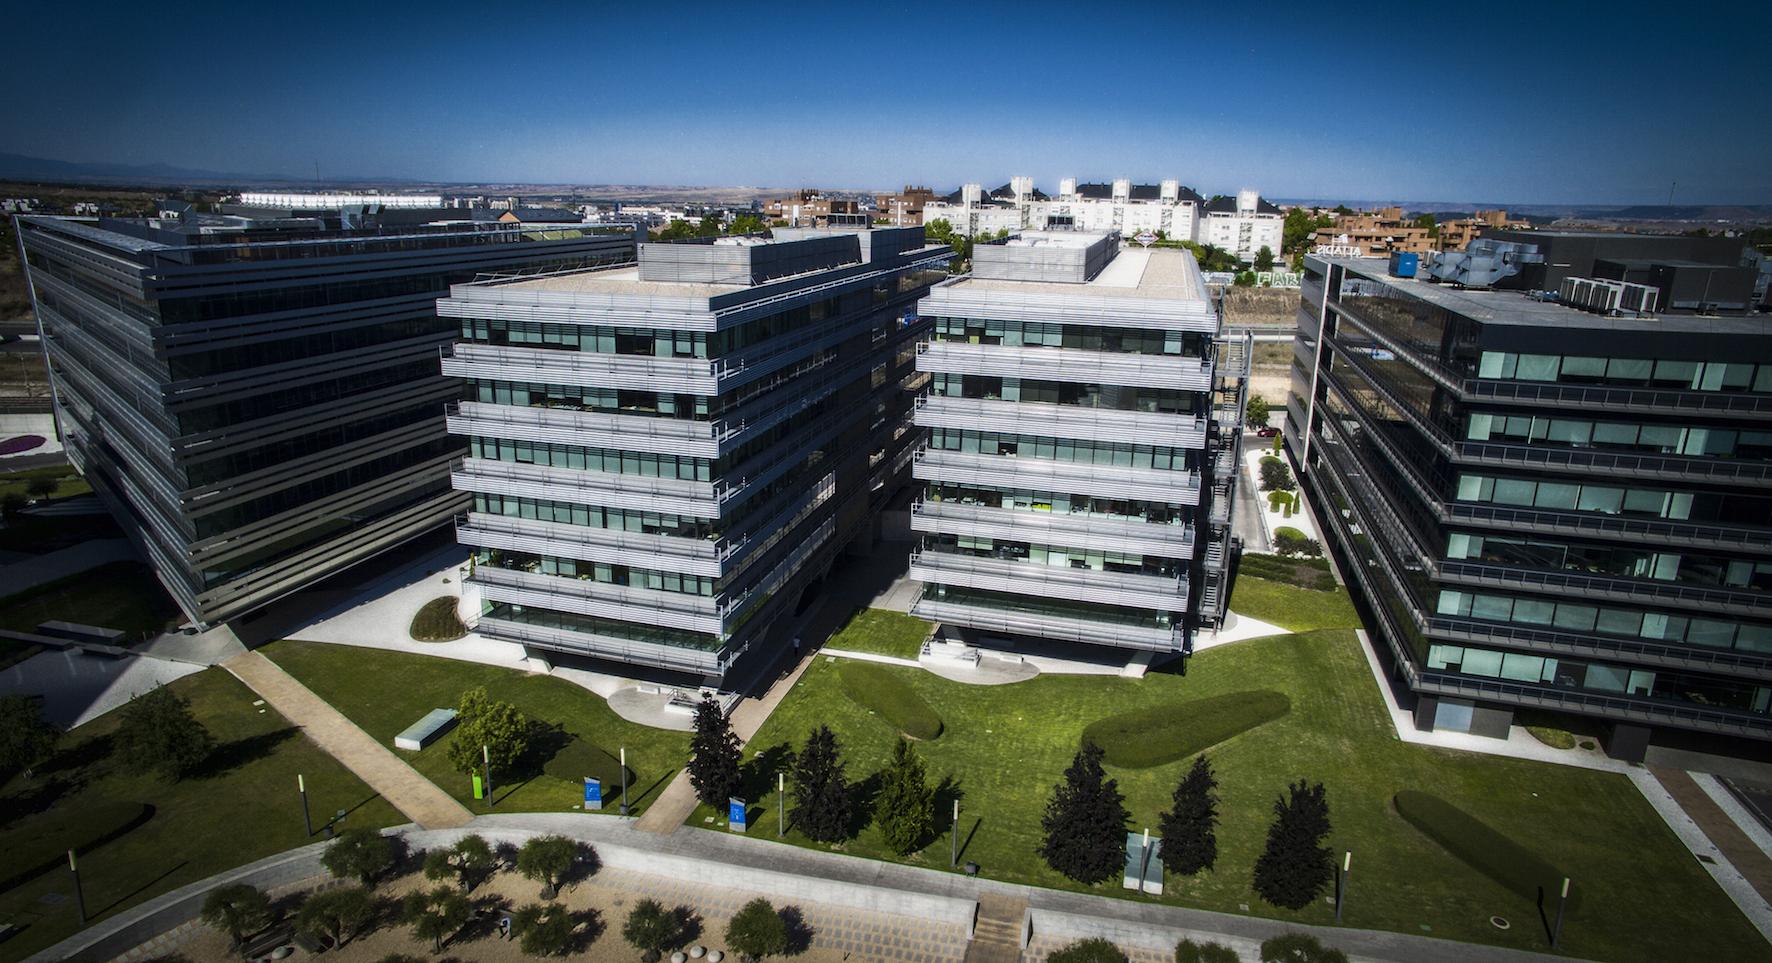 La socimi axiare compra dos edificios de oficinas en madrid por 49 millones idealista news - Idealista oficinas madrid ...